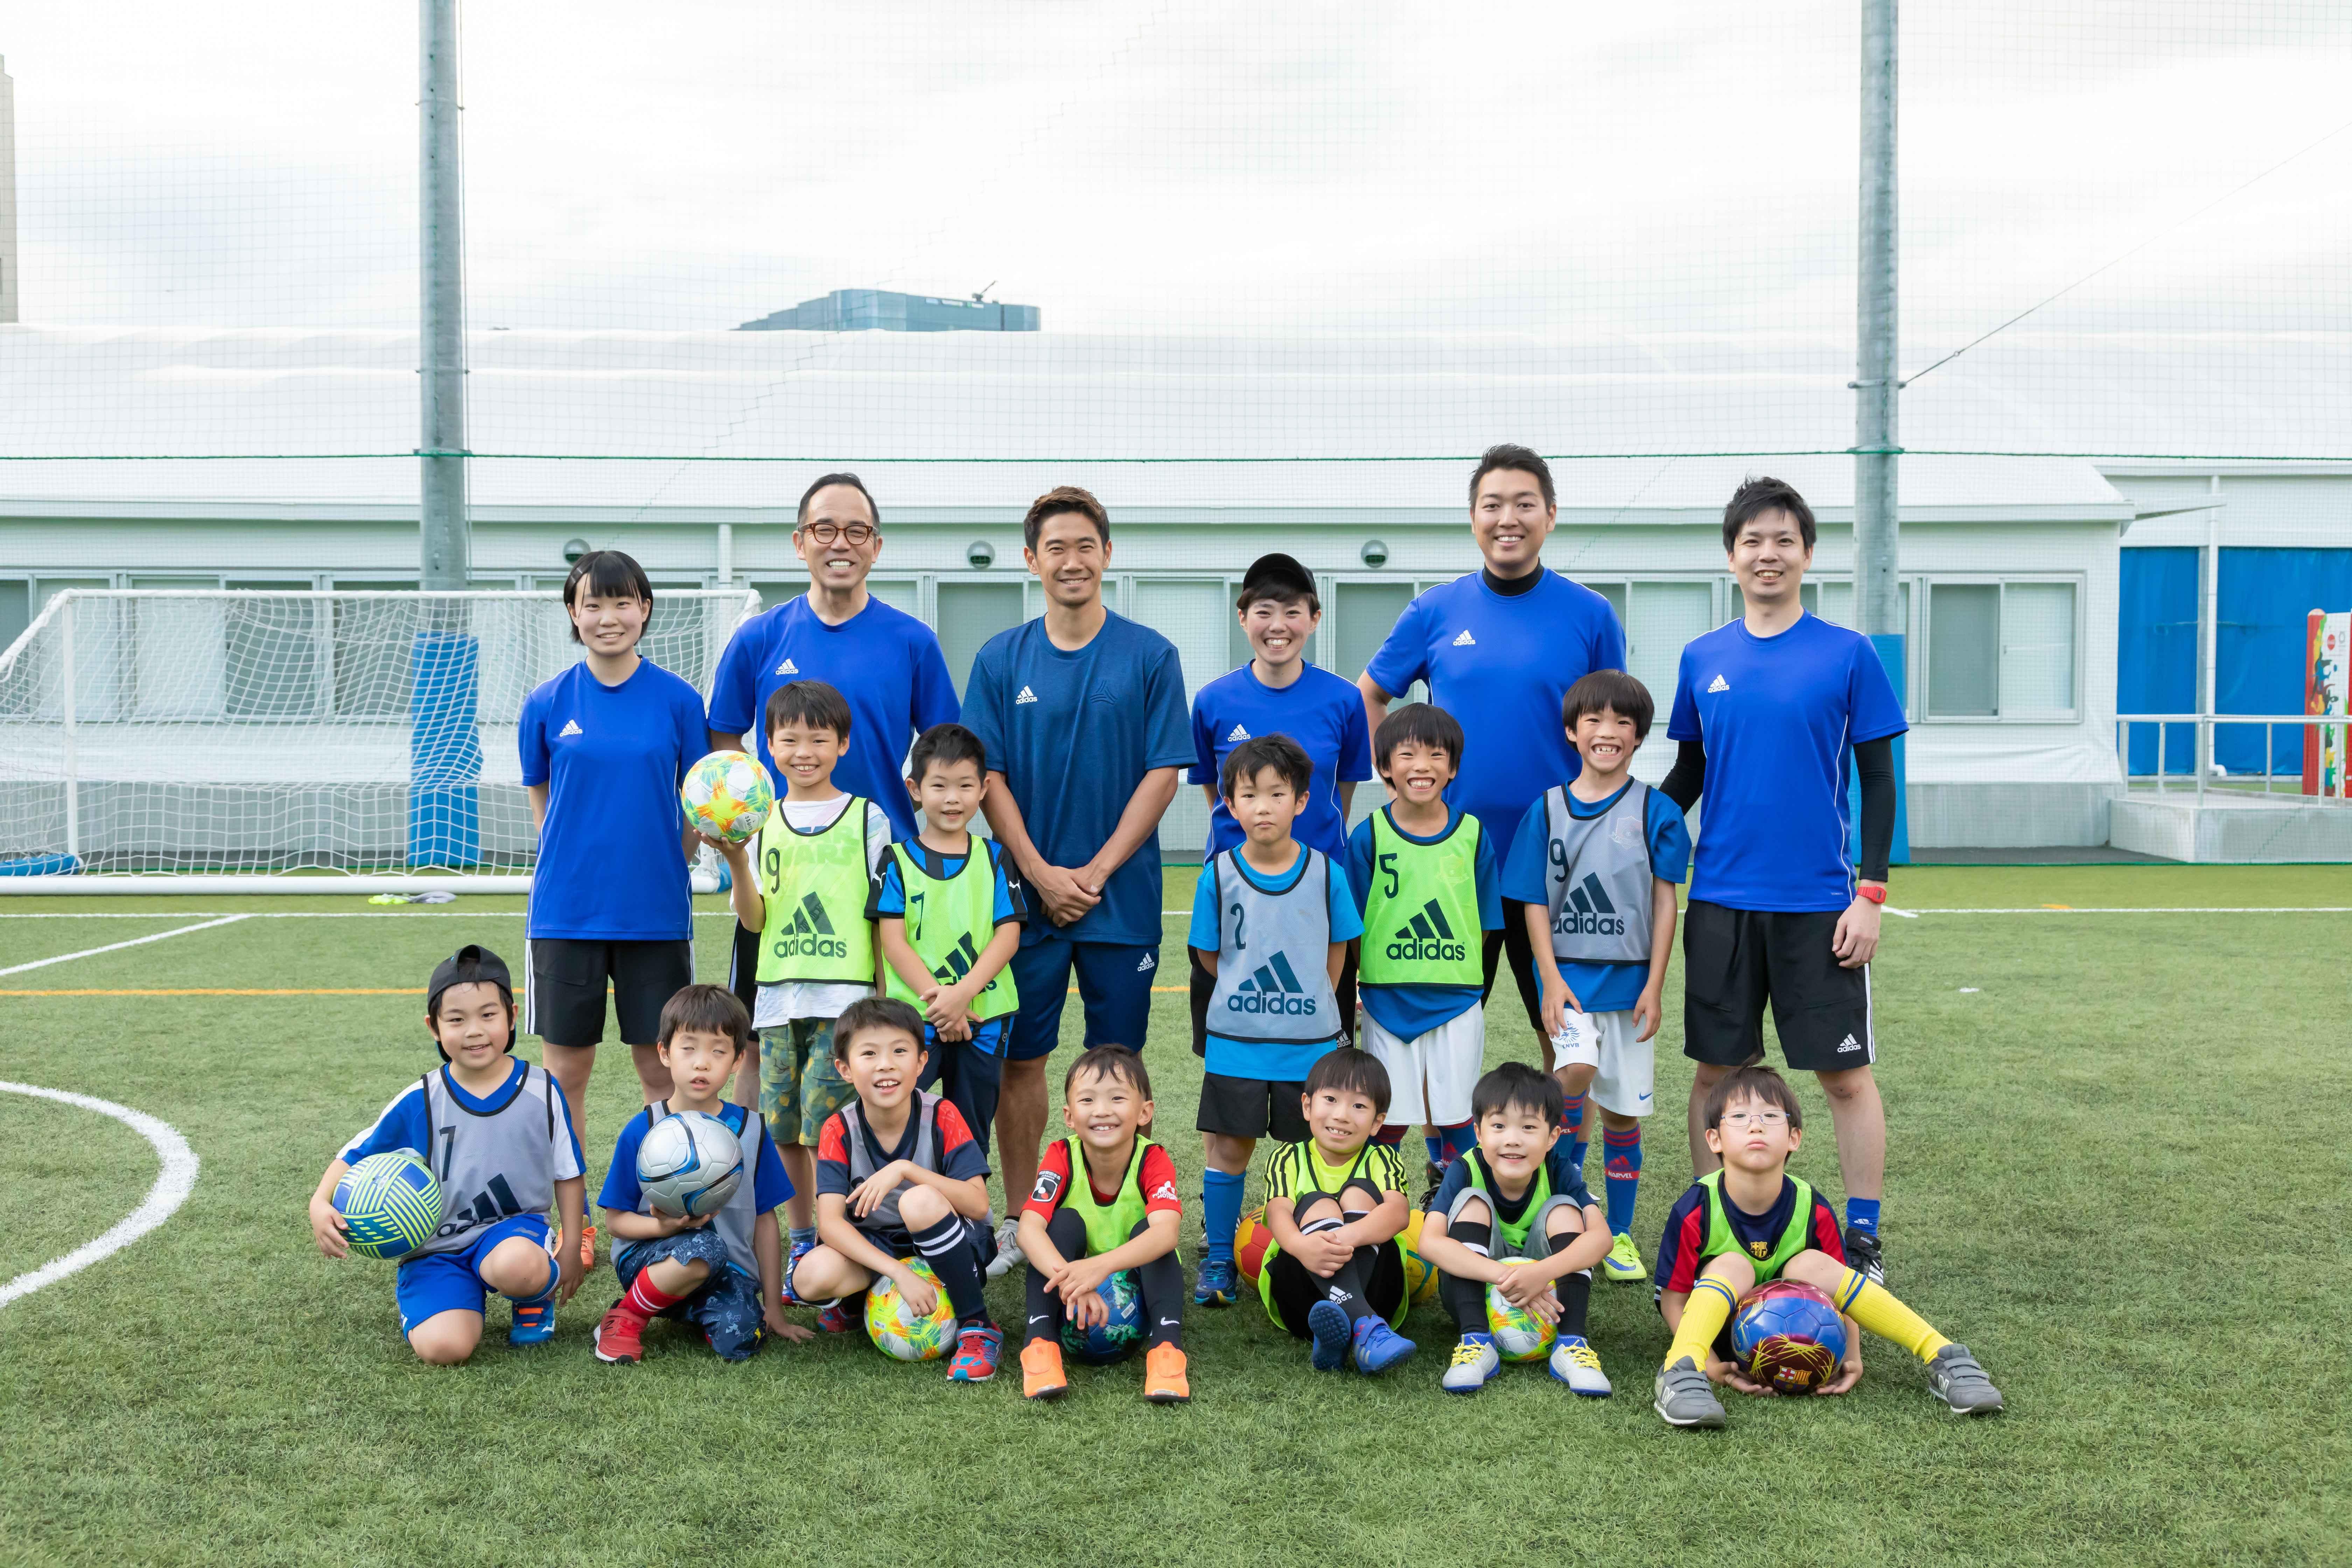 Hanaspoサッカー教室 大井町校